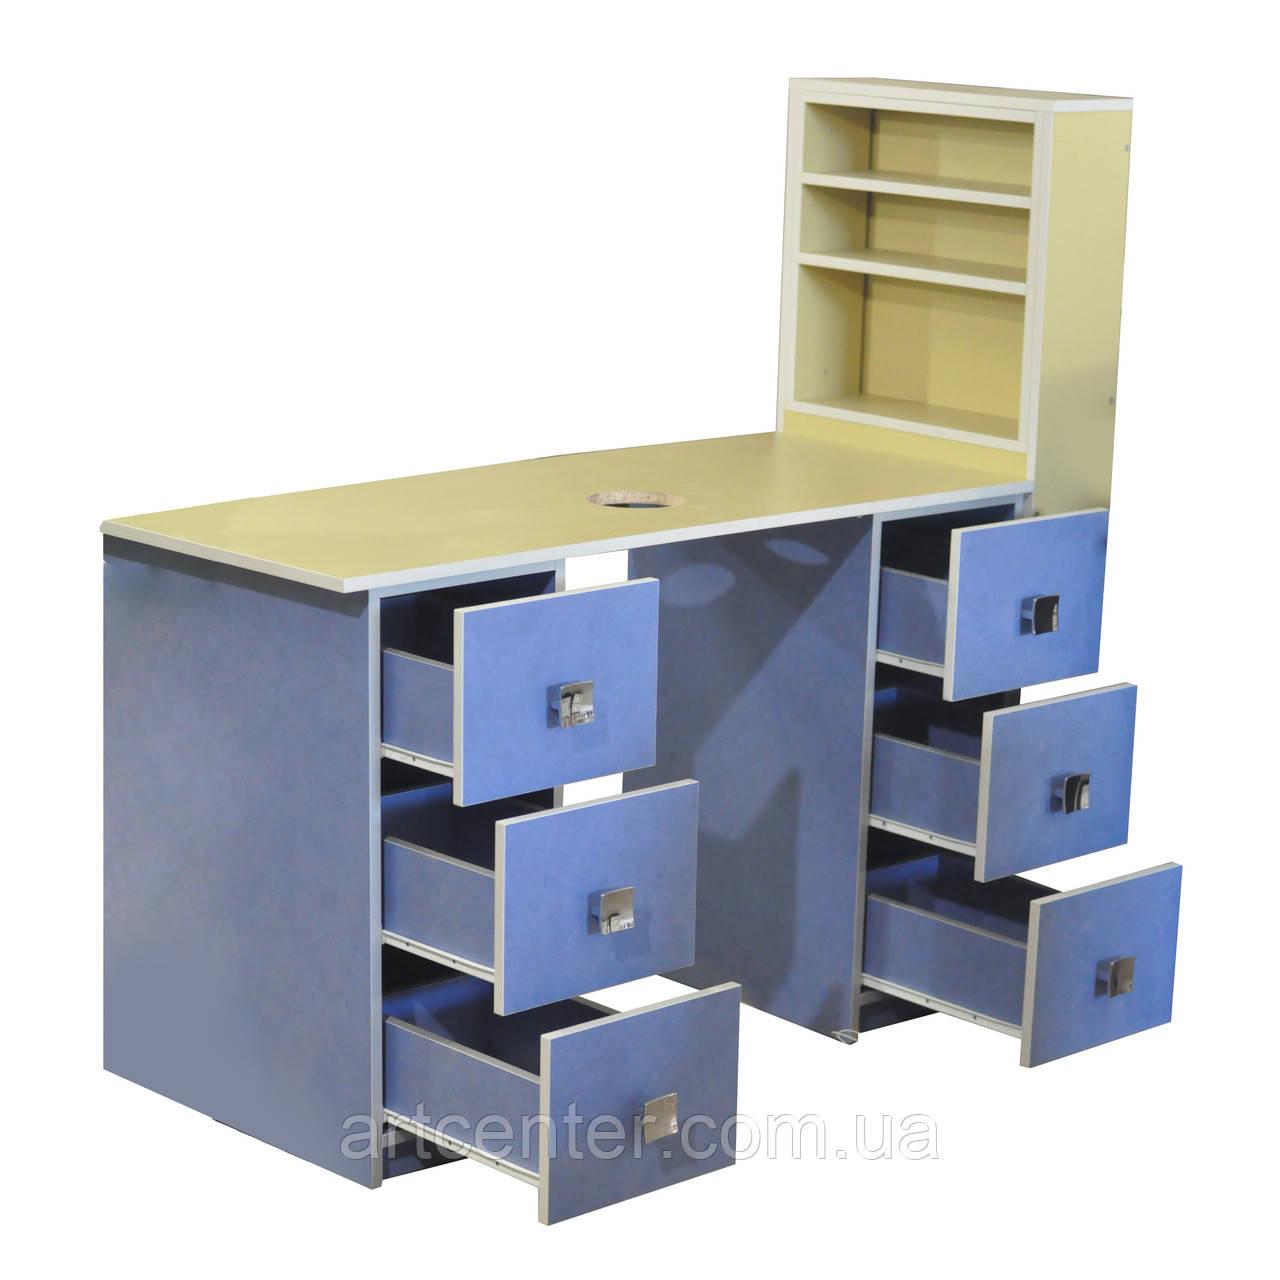 Стол маникюрный профессиональный с двумя тумбами, витрины для лаков для салона красоты